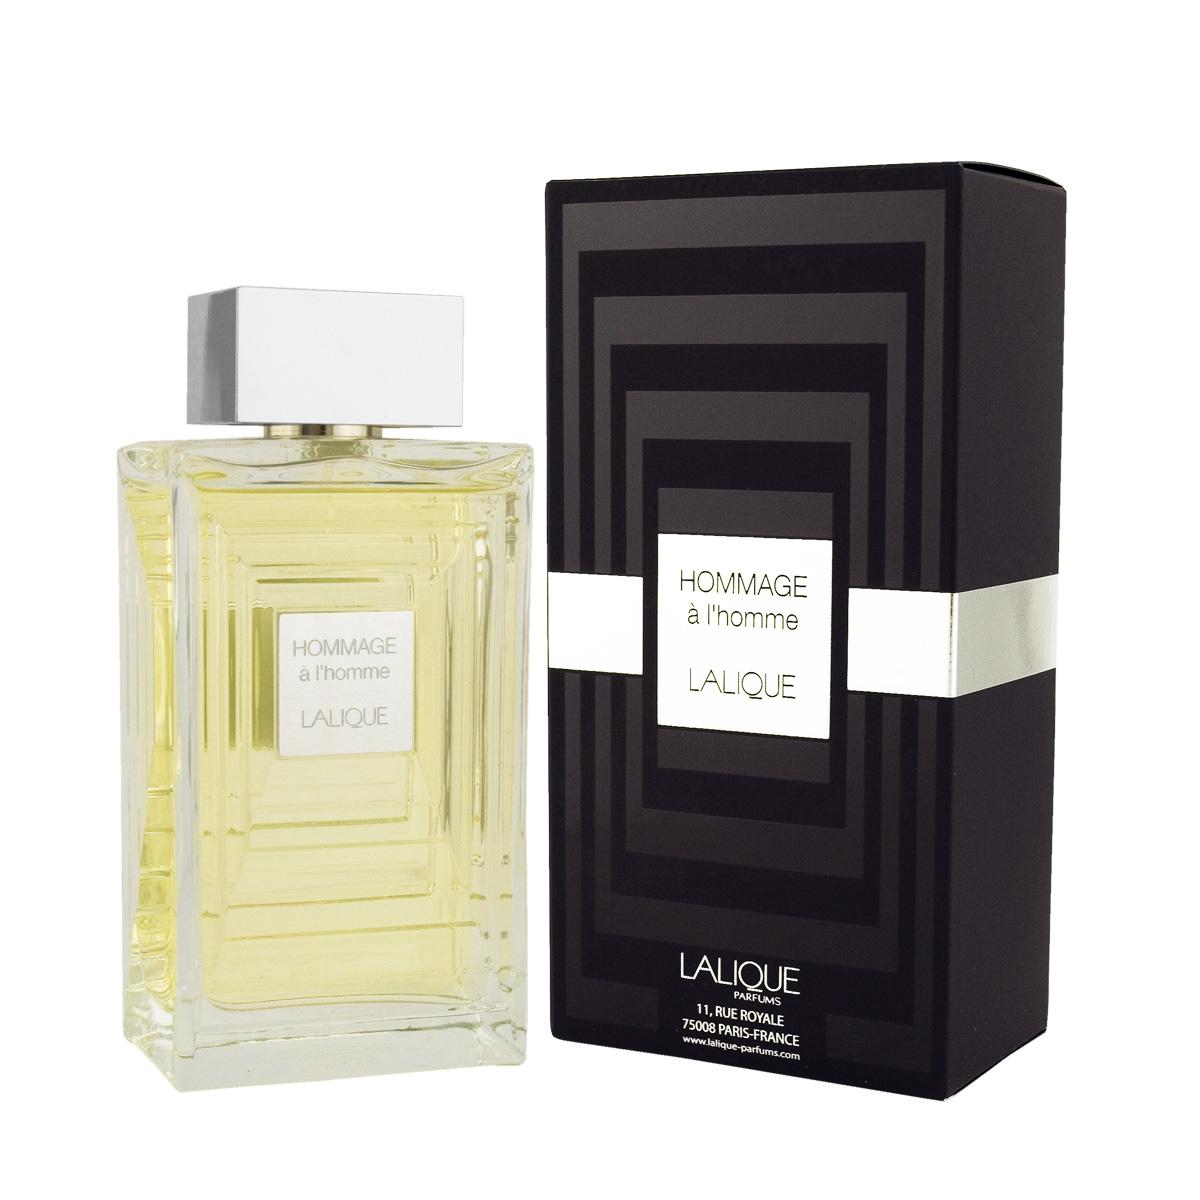 Lalique Hommage à L'Homme EDT 100 ml M